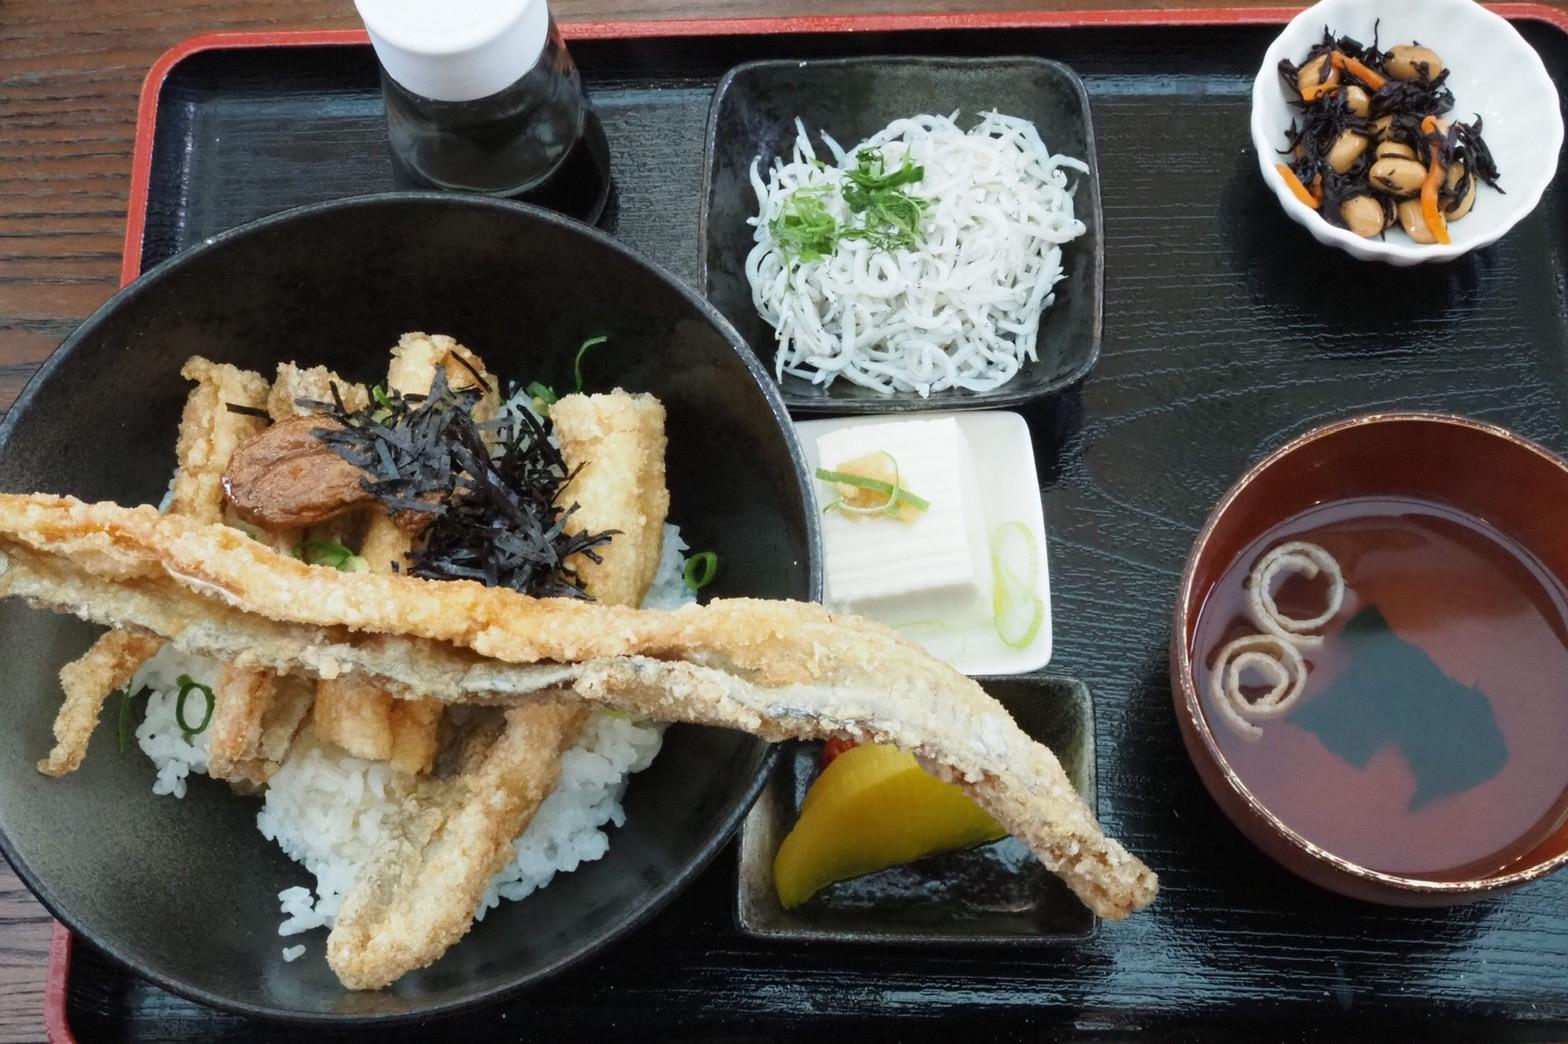 和歌山 有田市 テラスカフェライスフィールド 太刀魚のからあげ丼 唐揚げ 和歌山グルメ